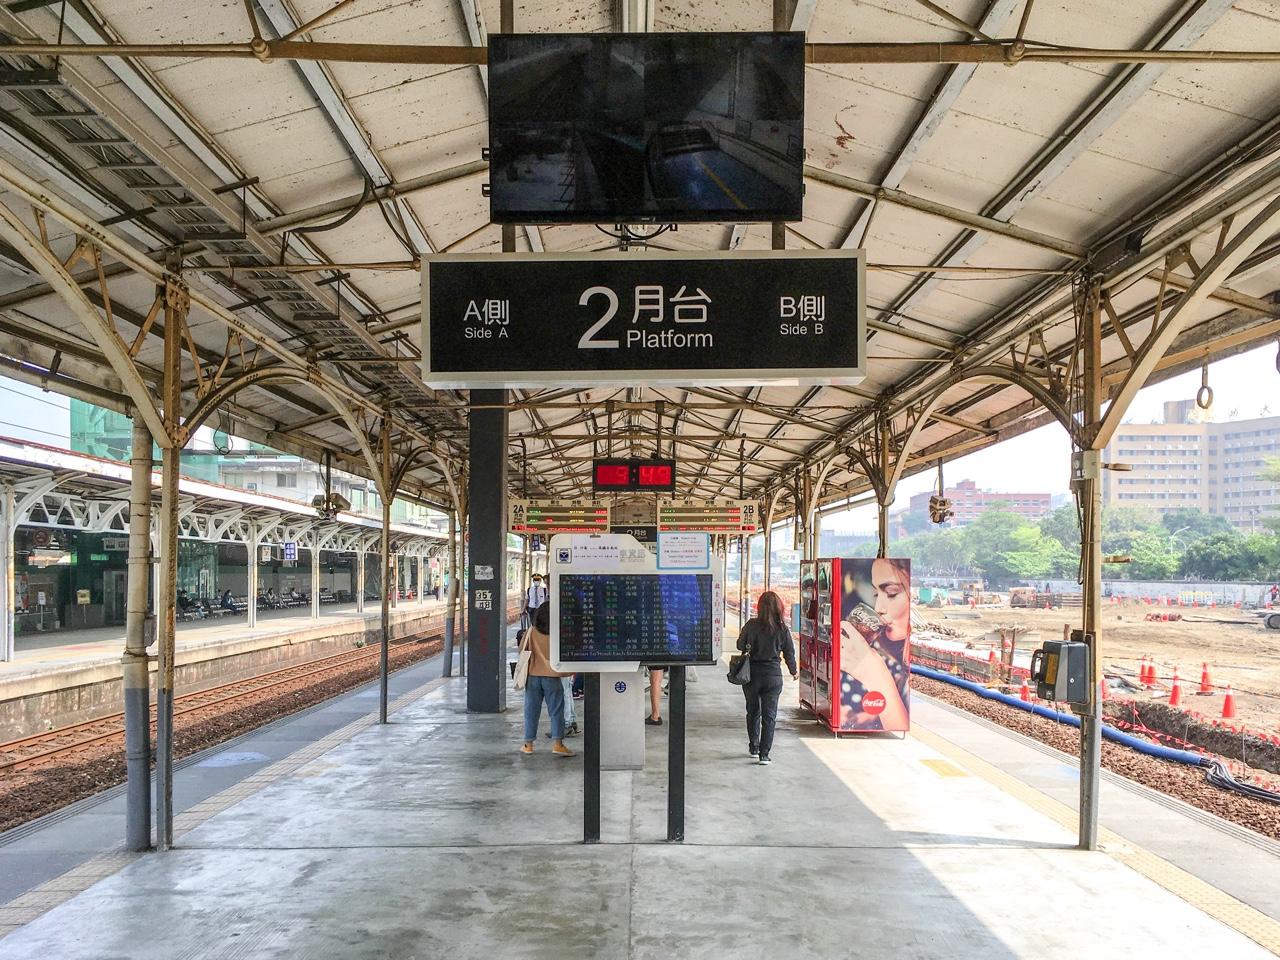 台南駅2番プラットホーム